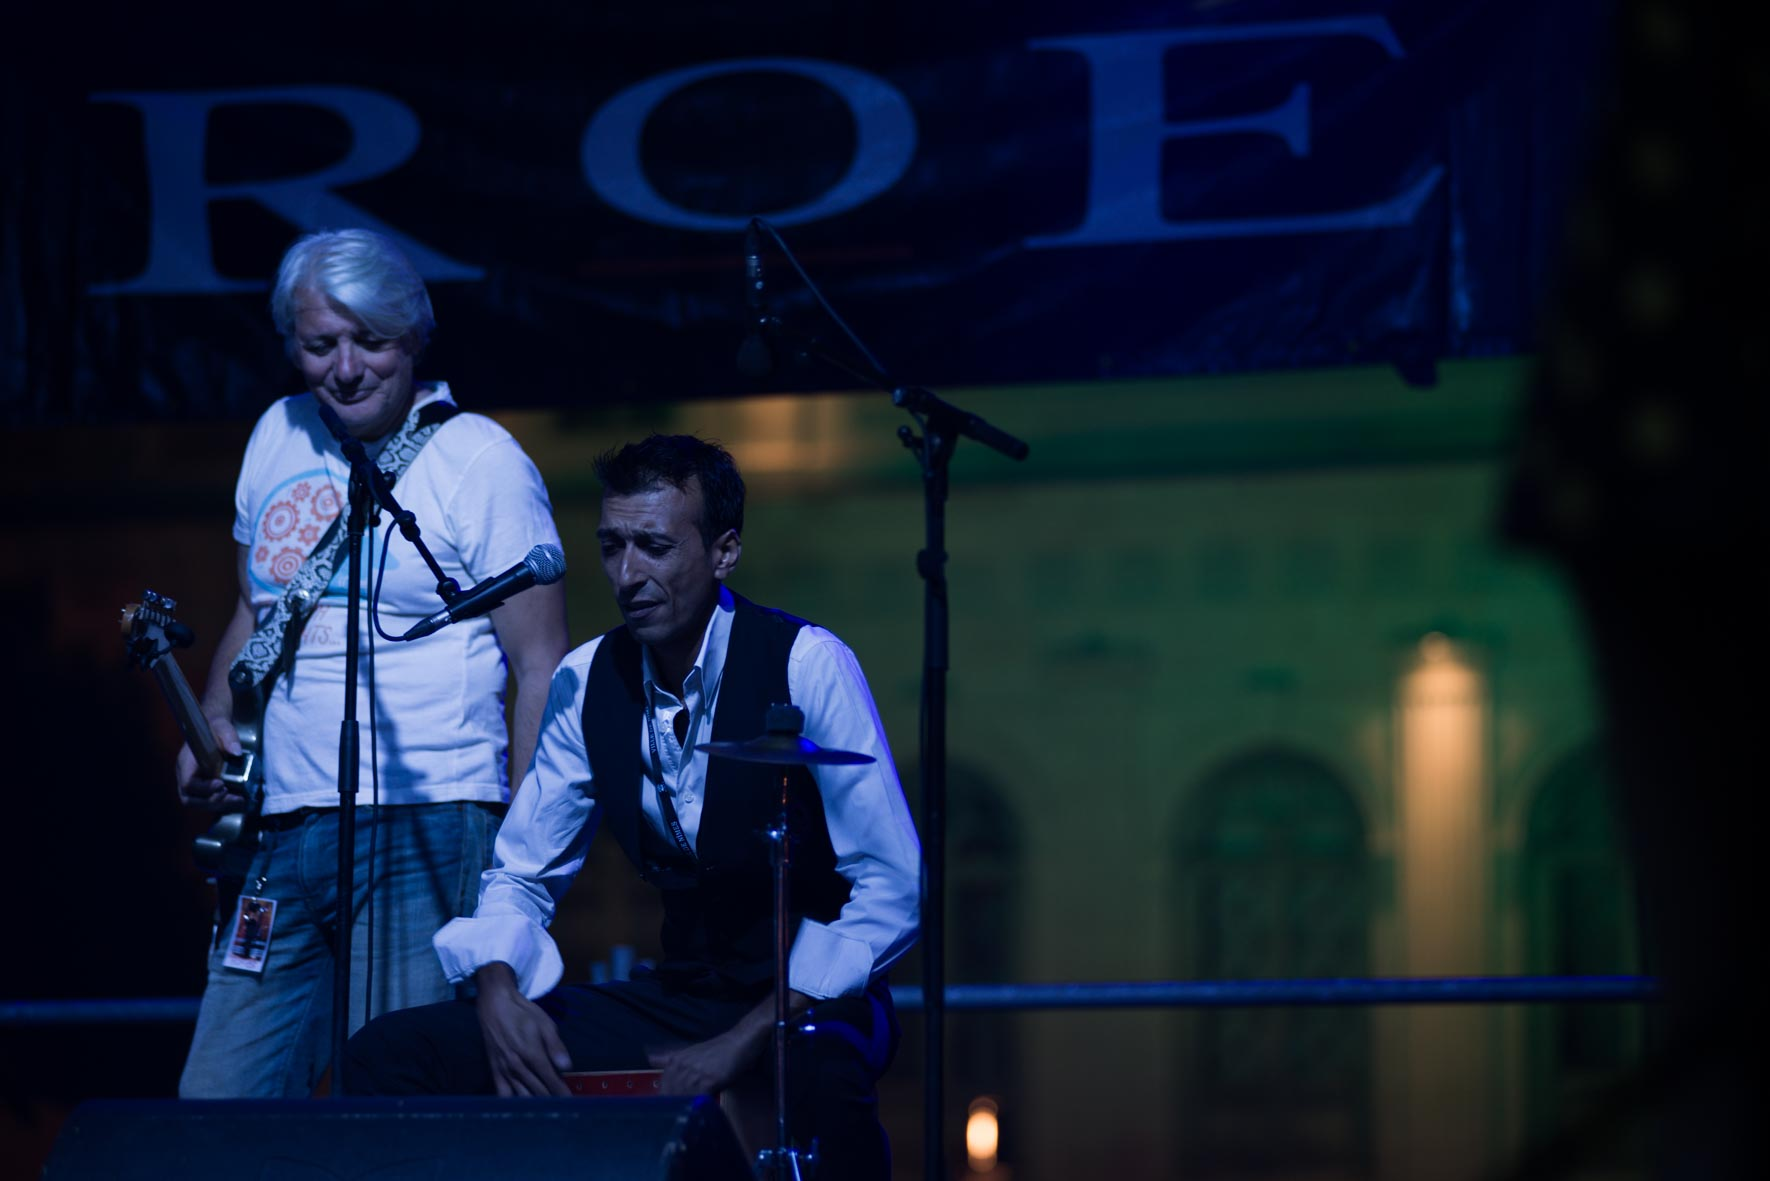 Enrique Santiago avec Roé live arènes de Nîmes